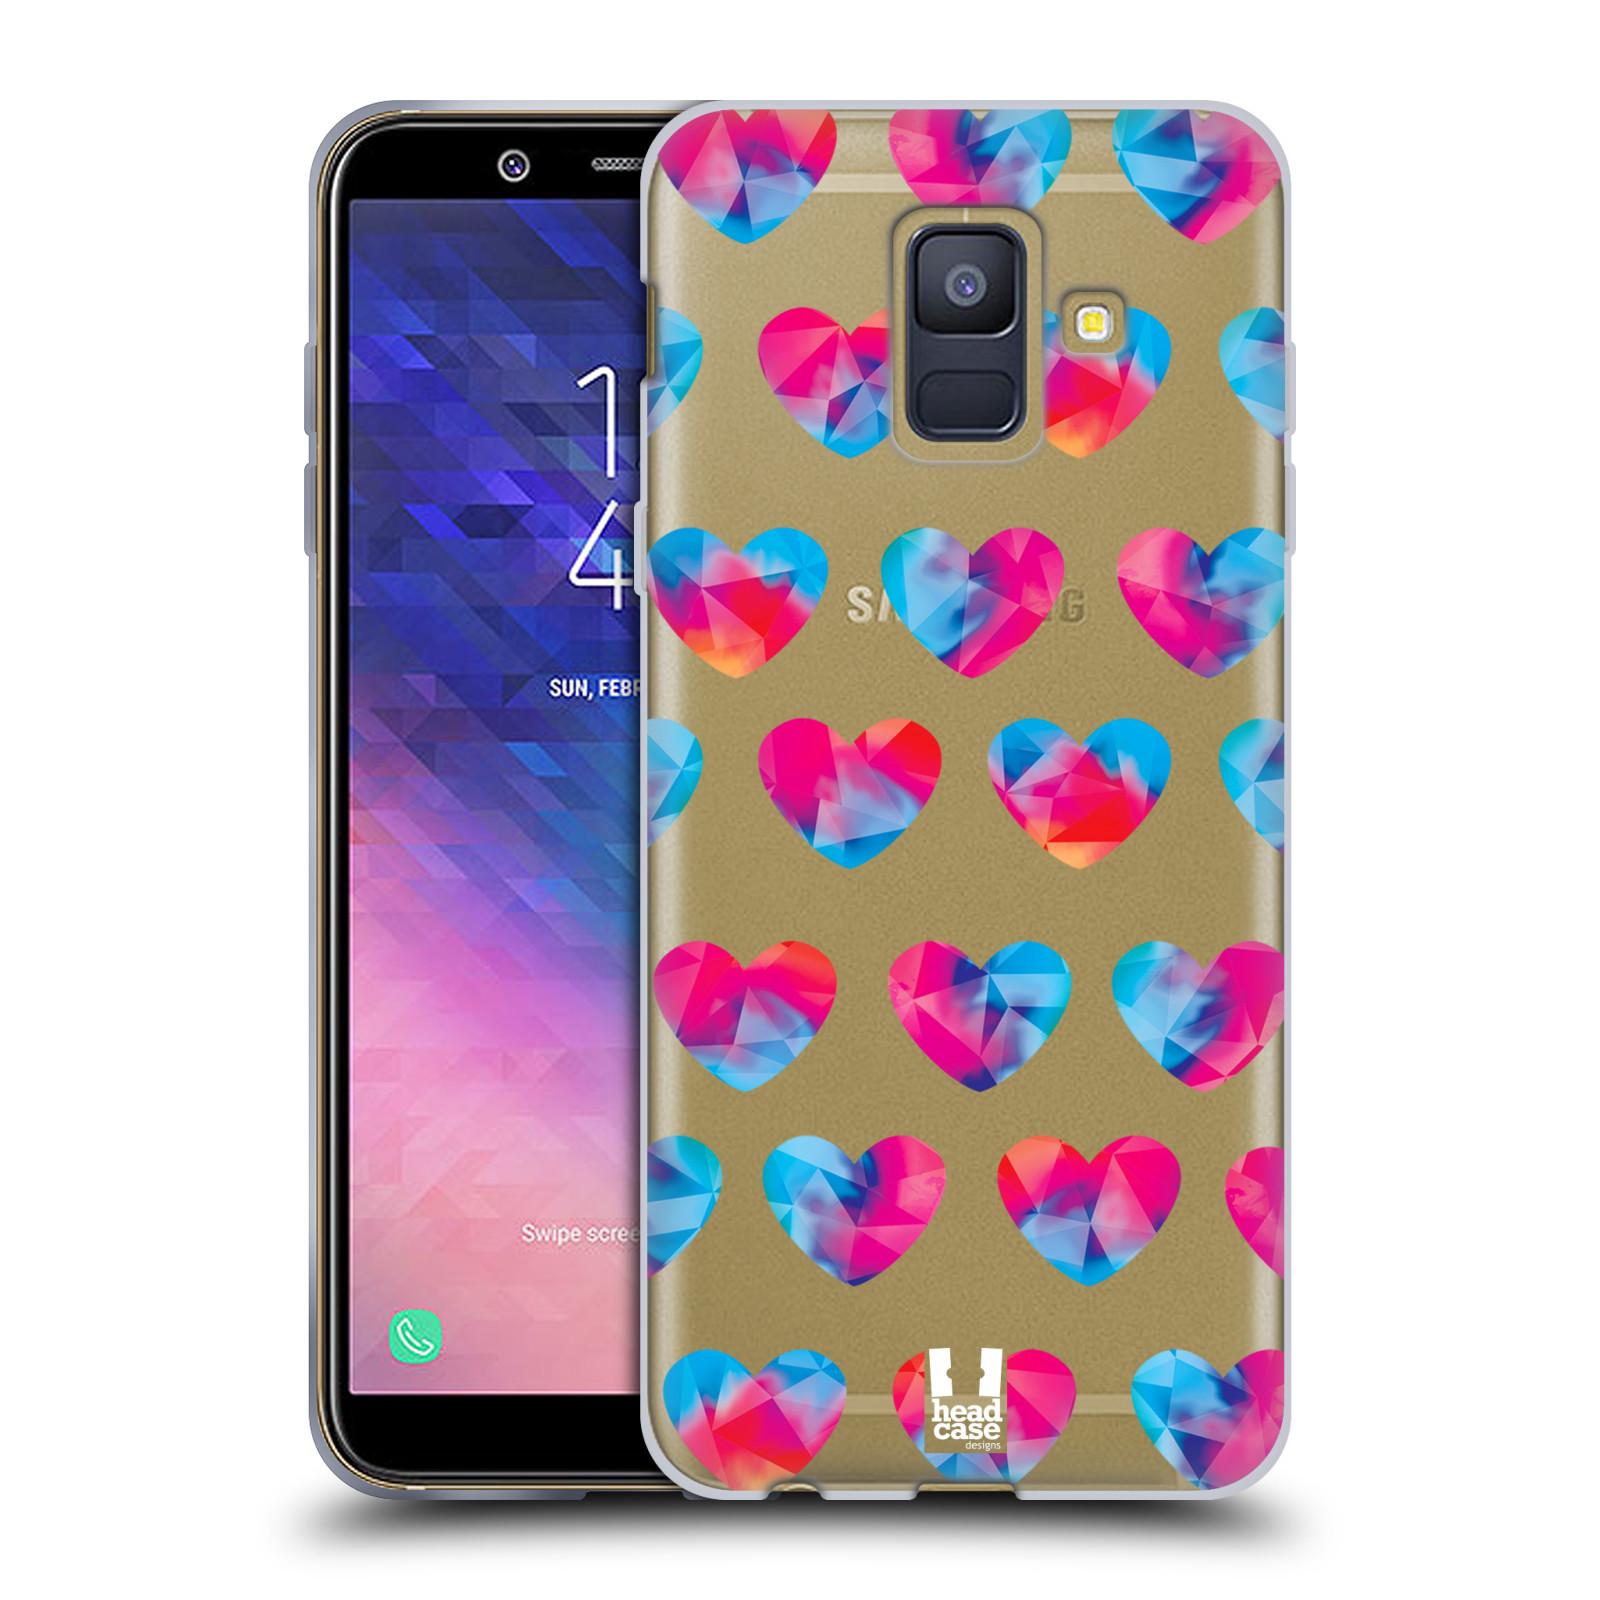 Silikonové pouzdro na mobil Samsung Galaxy A6 (2018) - Head Case - Srdíčka hrající barvami